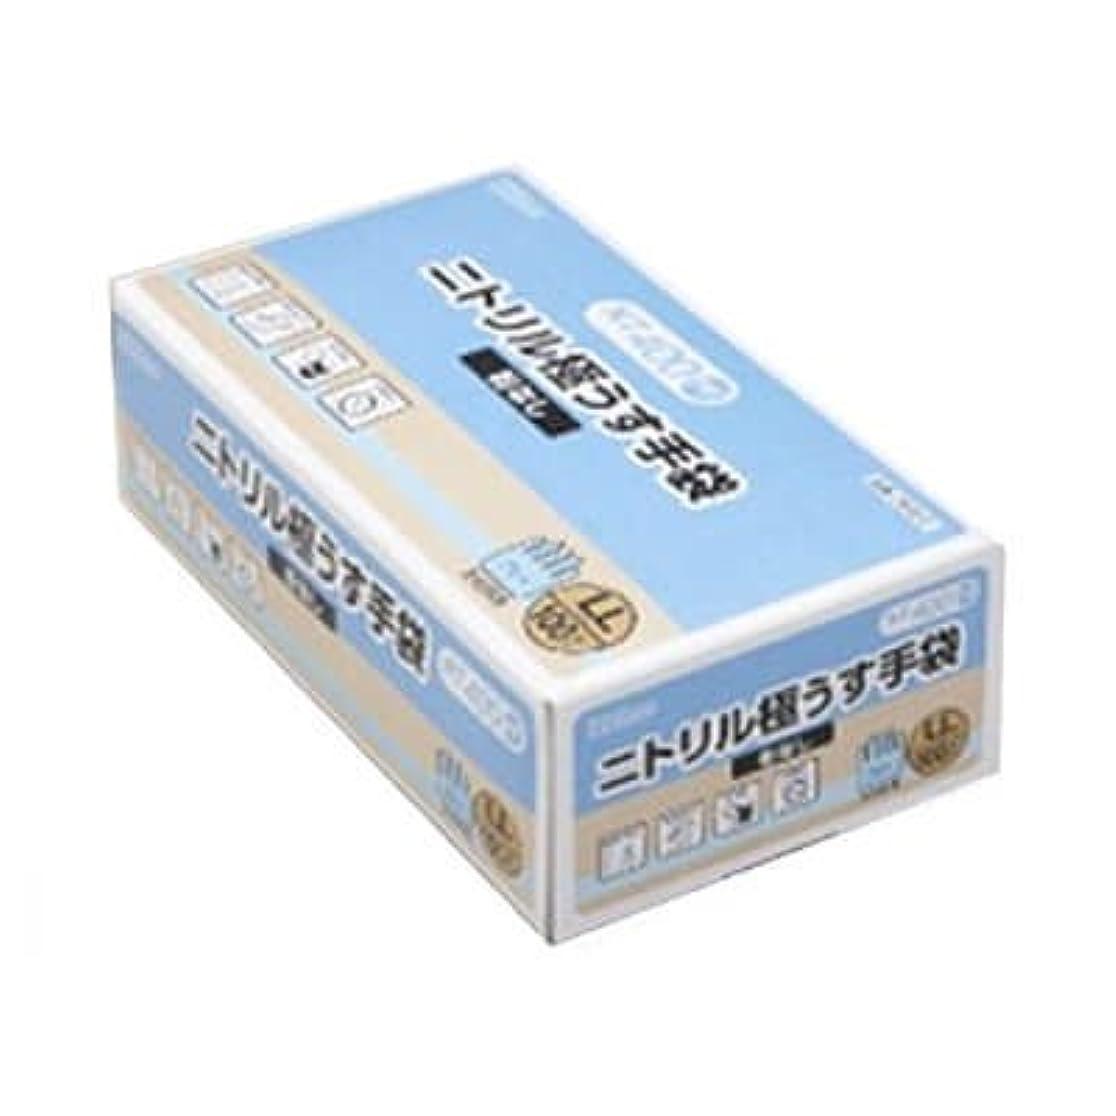 欠乏欠乏債権者【ケース販売】 ダンロップ ニトリル極うす手袋 粉無 LL ブルー NT-400 (100枚入×20箱)